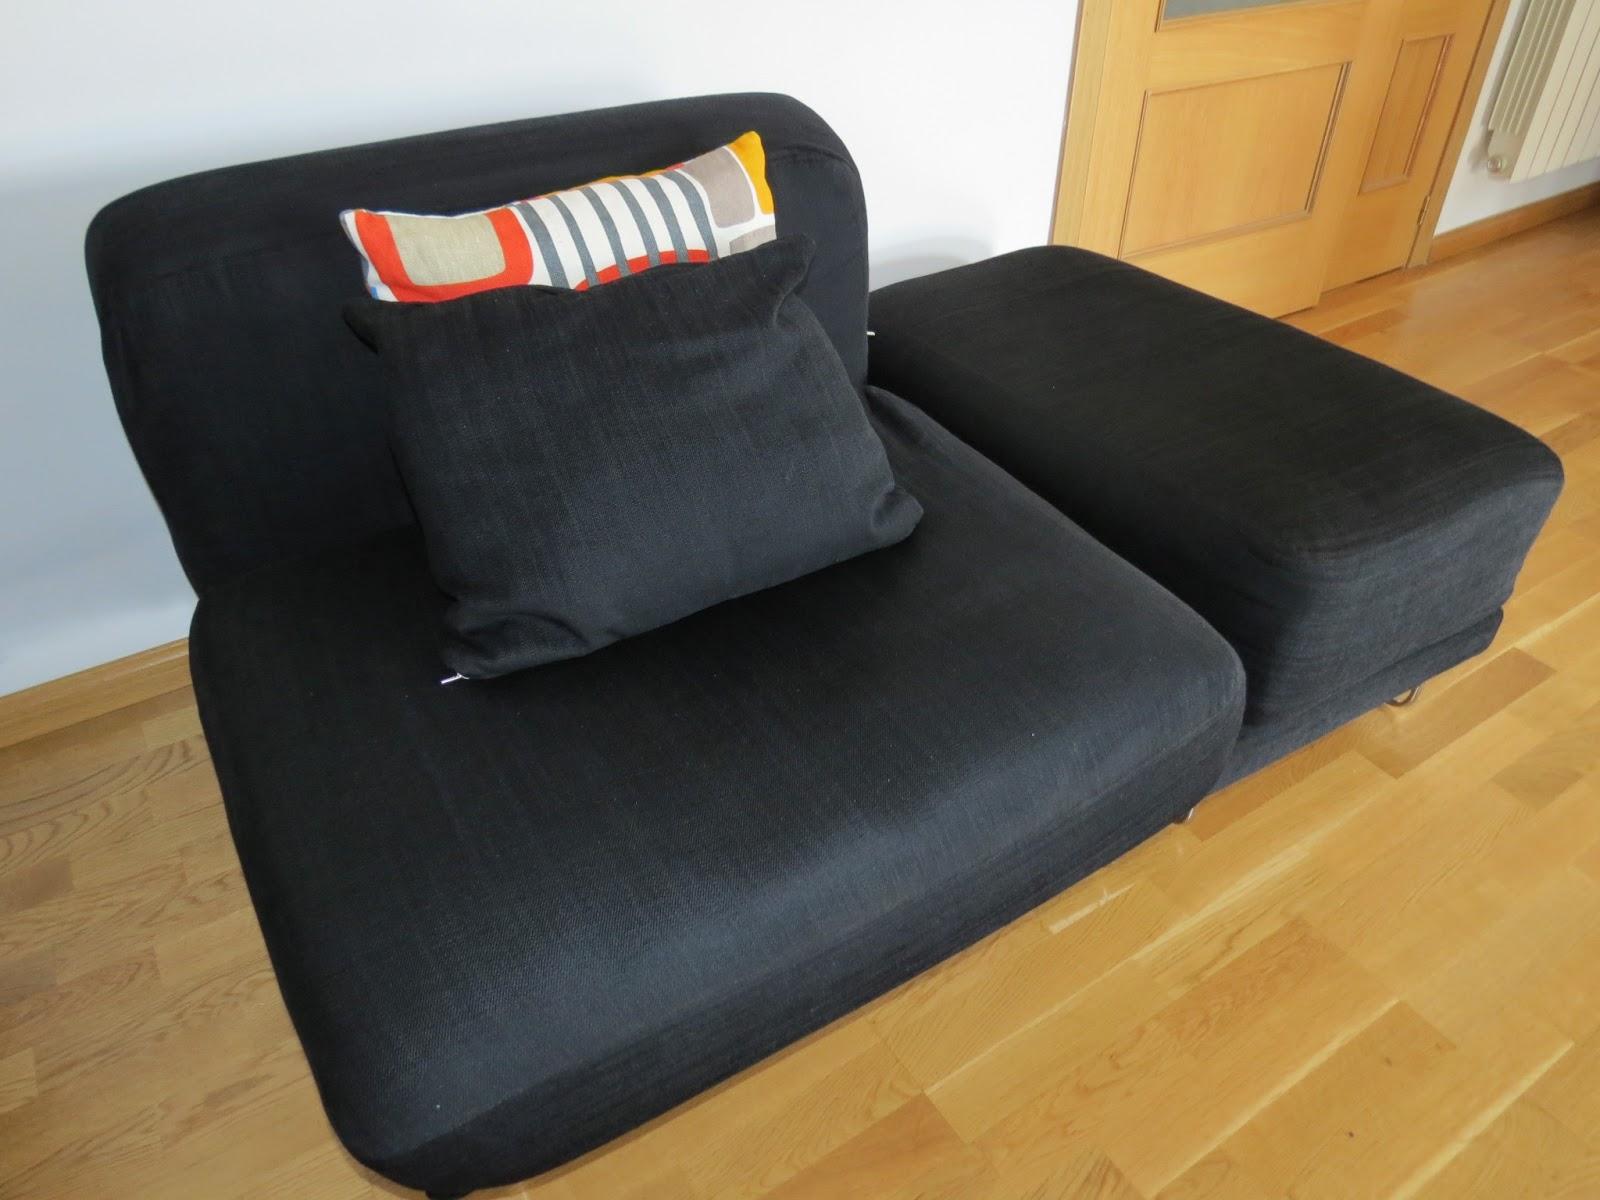 ikea tylosand sofa furniture canada vendemos nuestras cosas sofá 3 piezas